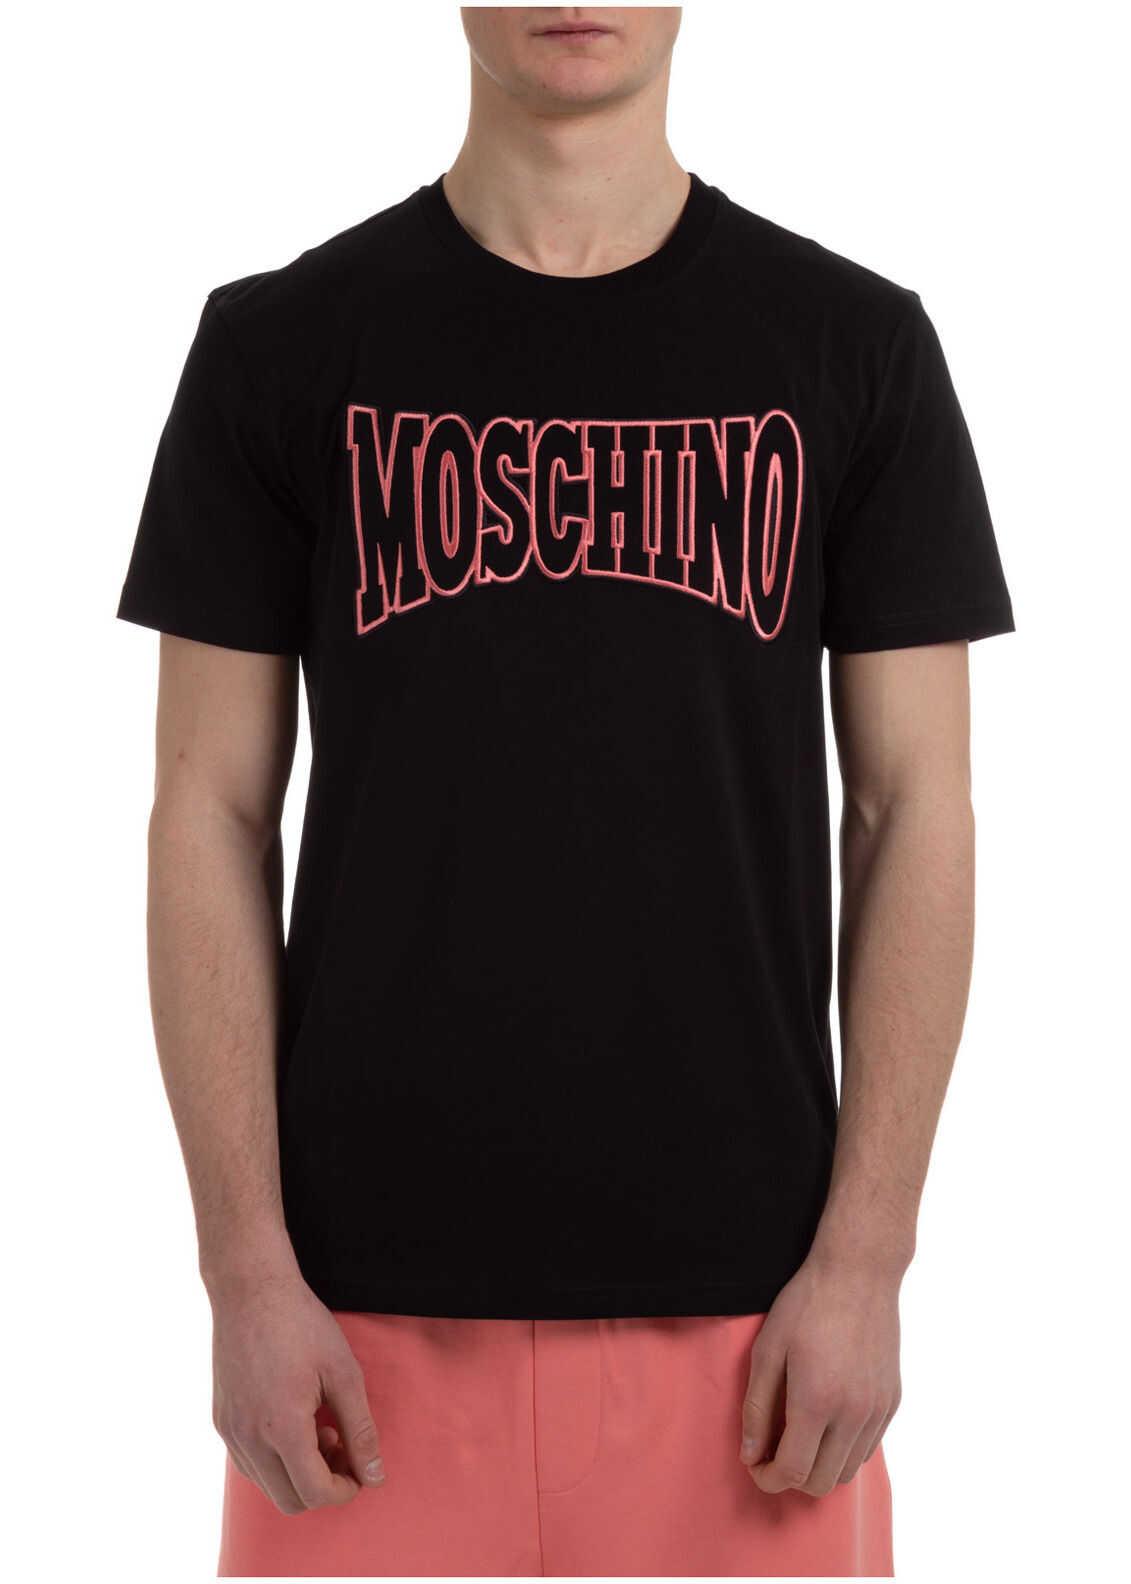 Moschino Neckline Jumper Black imagine